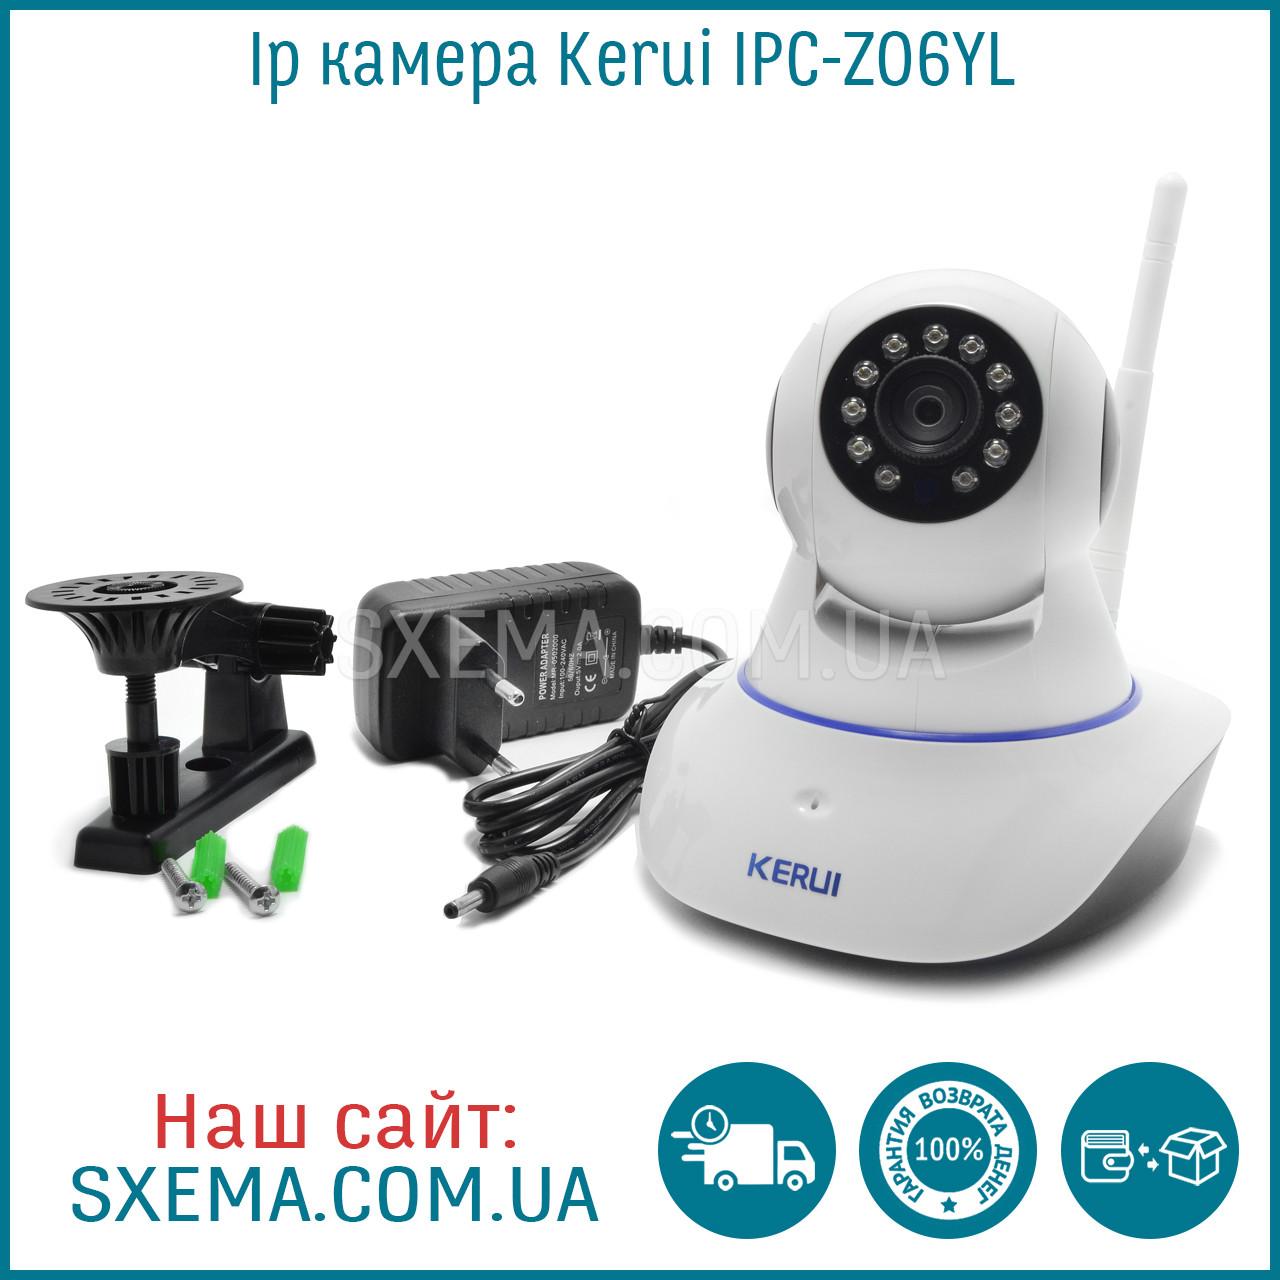 IP-камера Kerui IPC-Z06YL c WI-FI и регулировкой положения